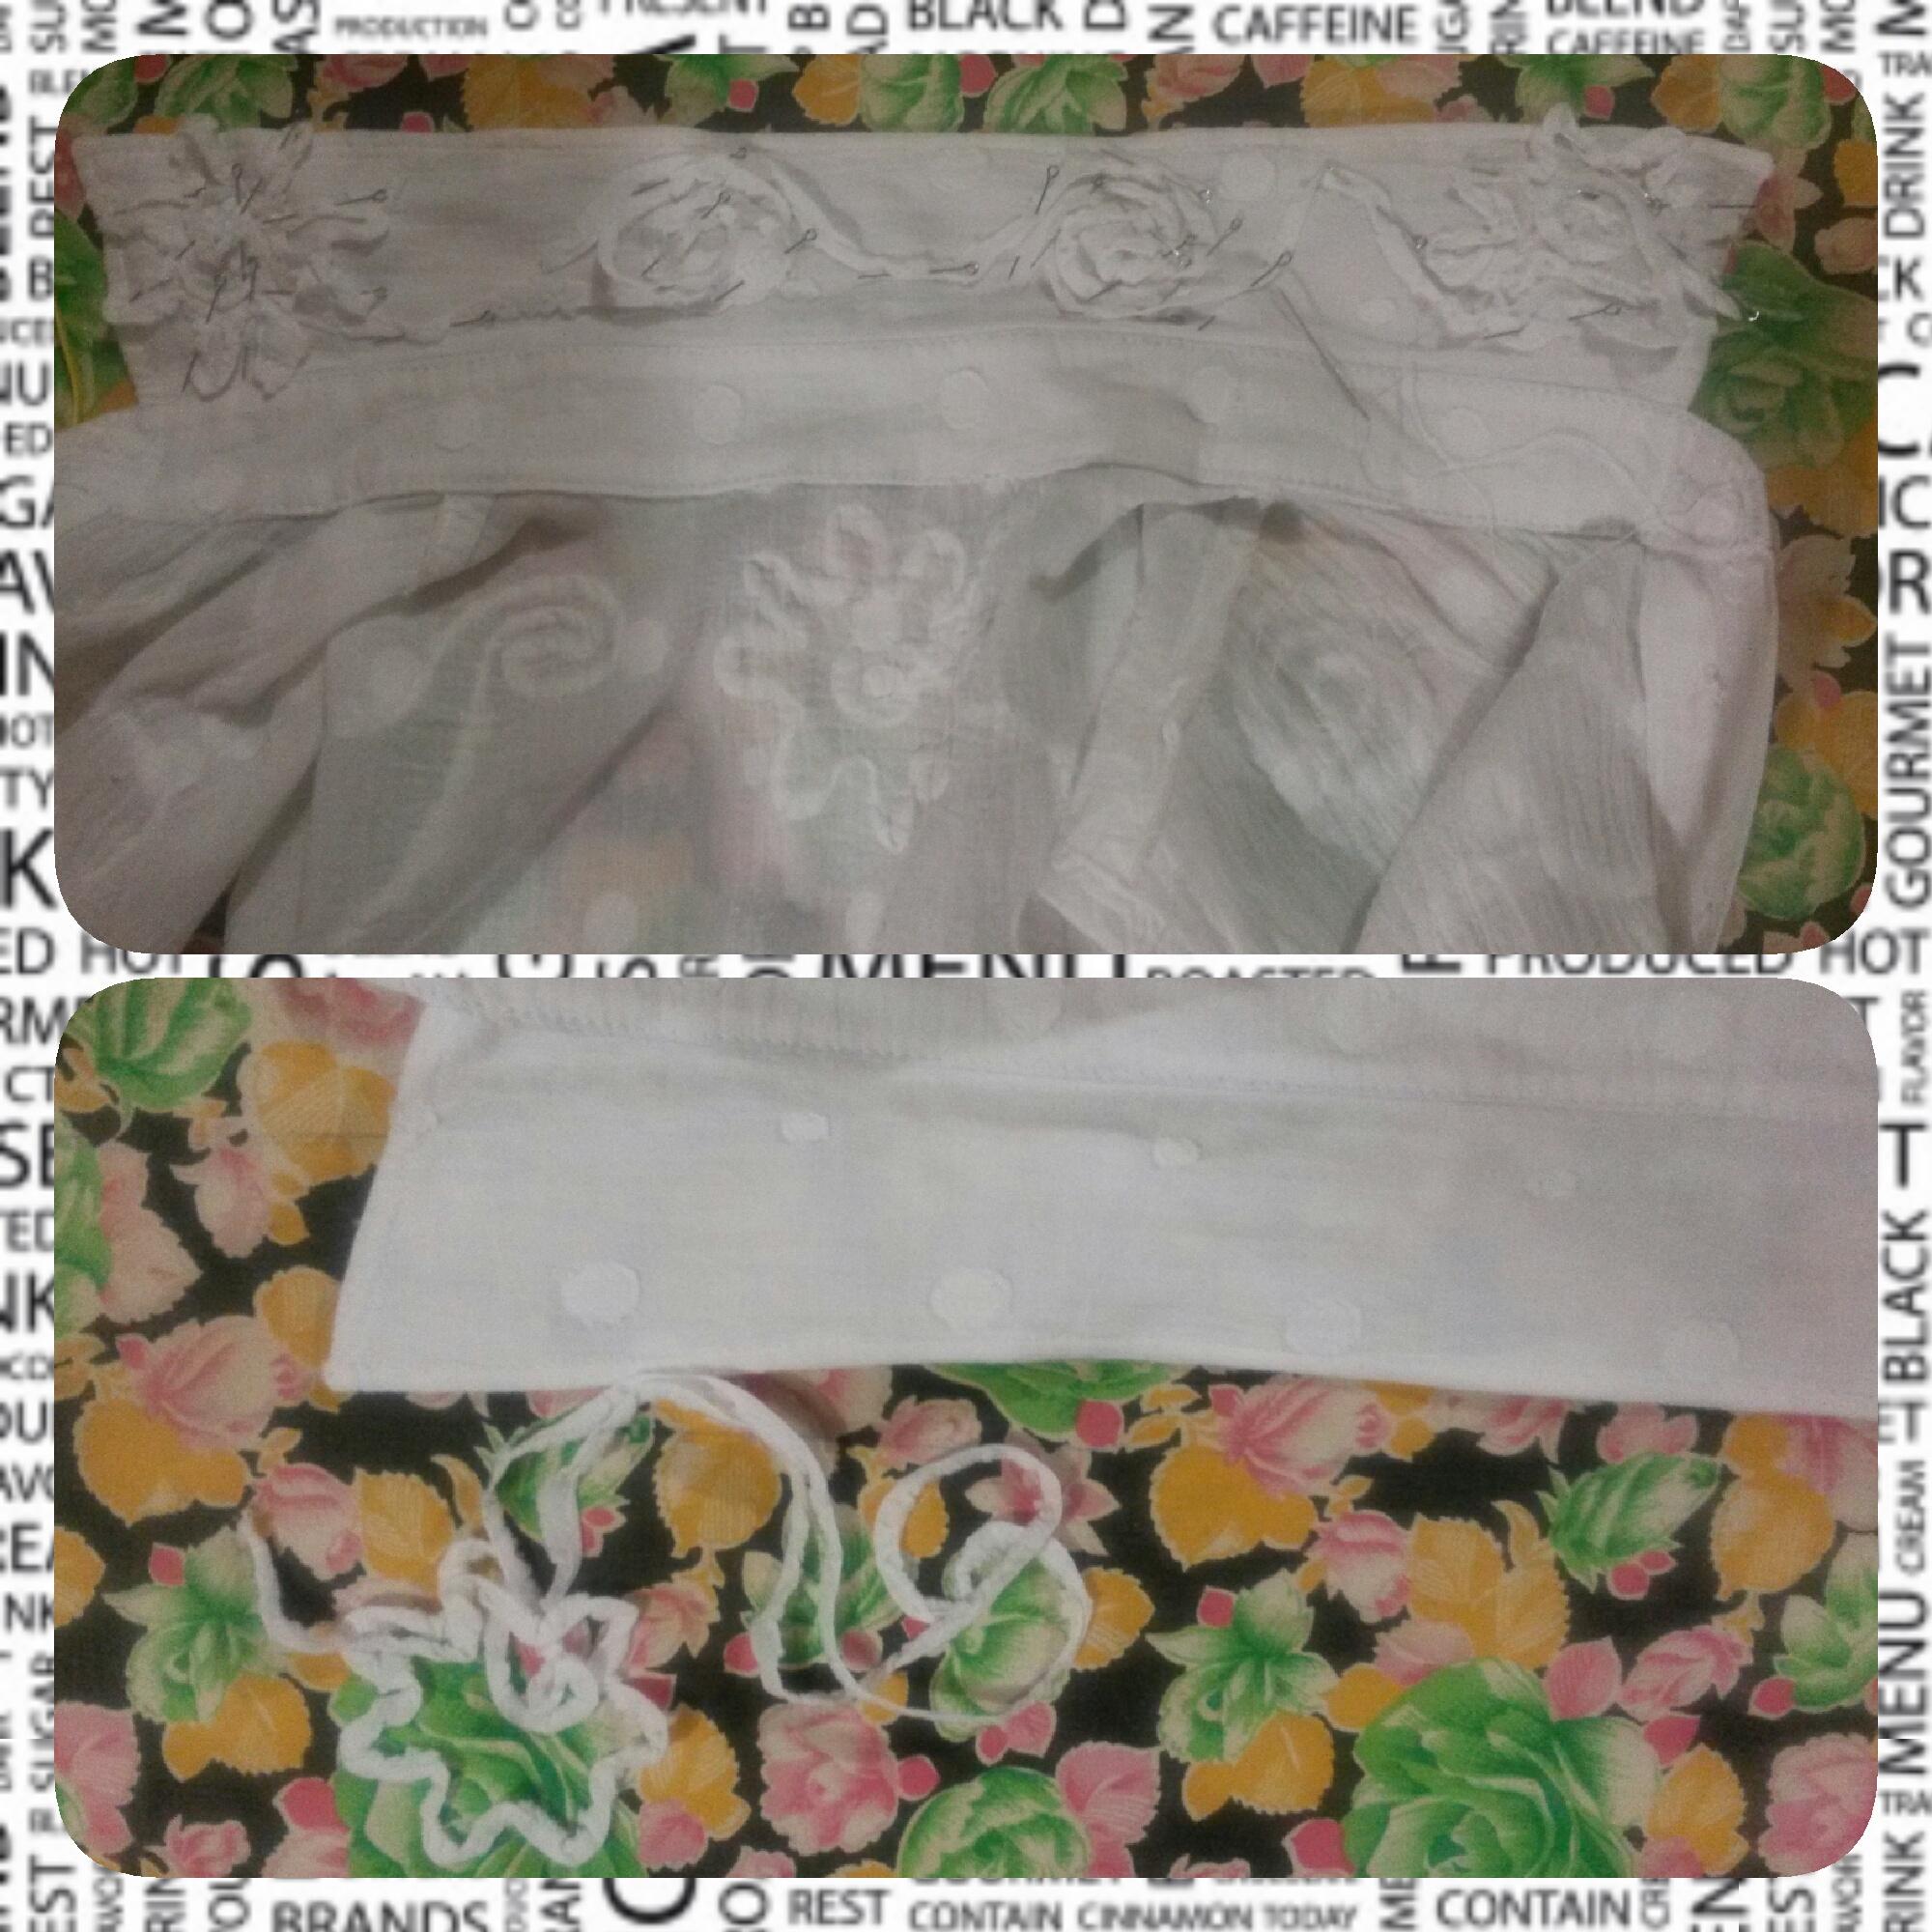 photostudio_1456687919425.jpg